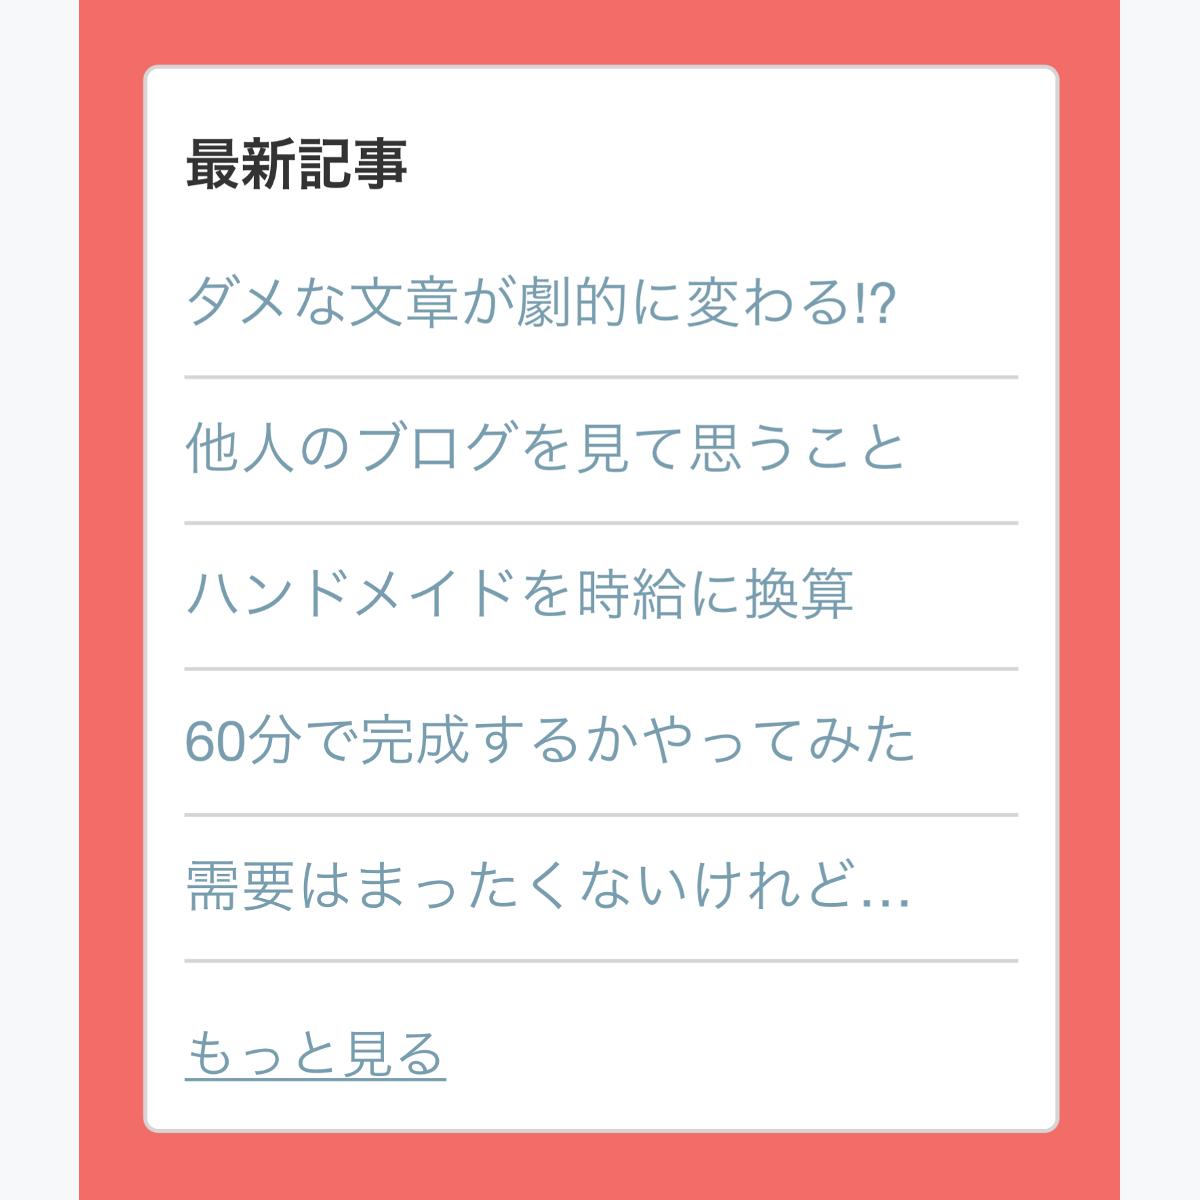 ミモモスティのブログ最新記事タイトル一覧